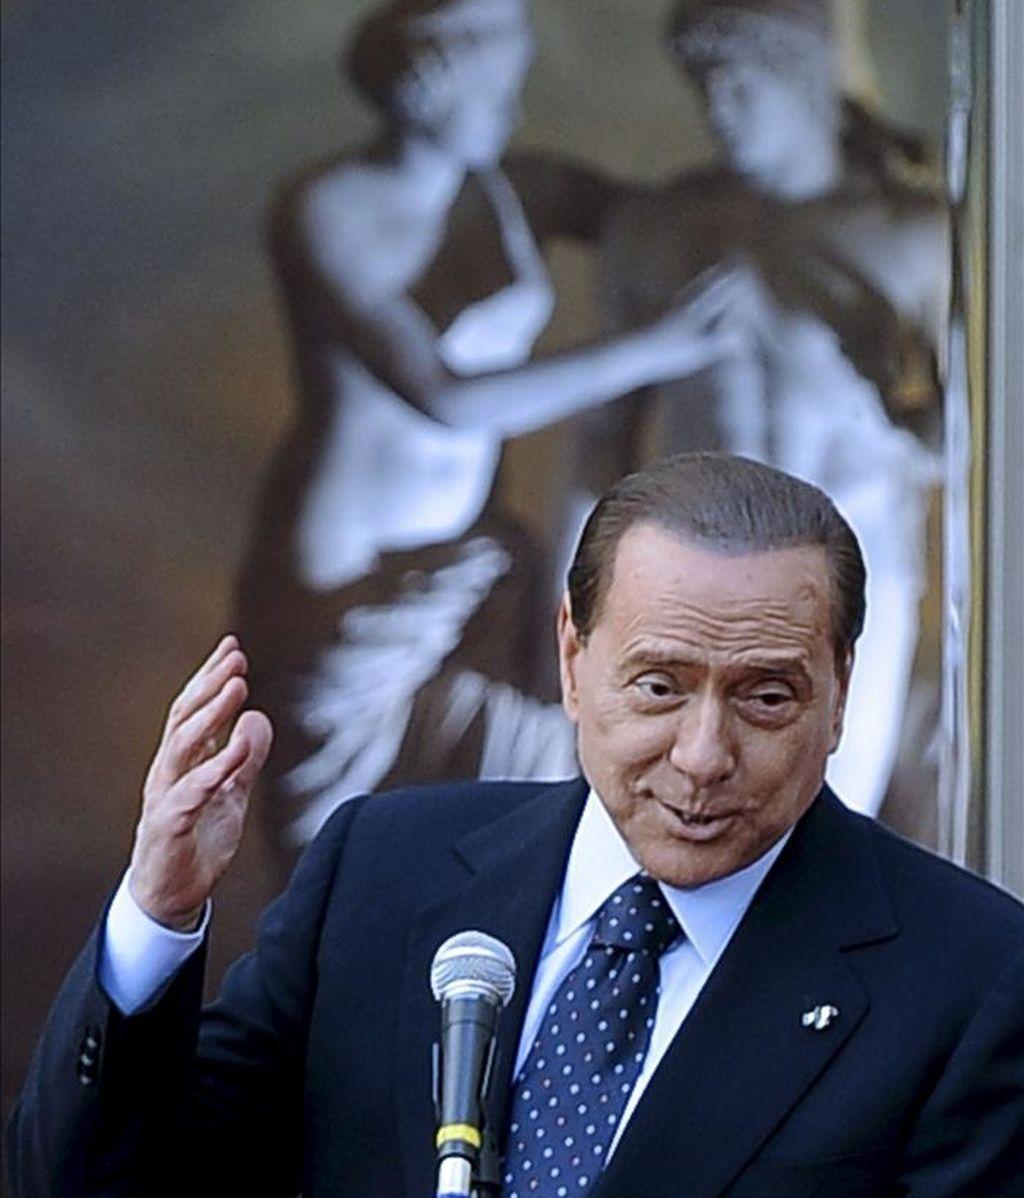 """El primer ministro italiano Silvio Berlusconi ofrece un discurso durante la ceremonia de entrega del premio """"Giovani Eccellenze"""", parte del proyecto """"Campus Mentis"""", en el palcio Chigi de Roma, Italia. EFE"""